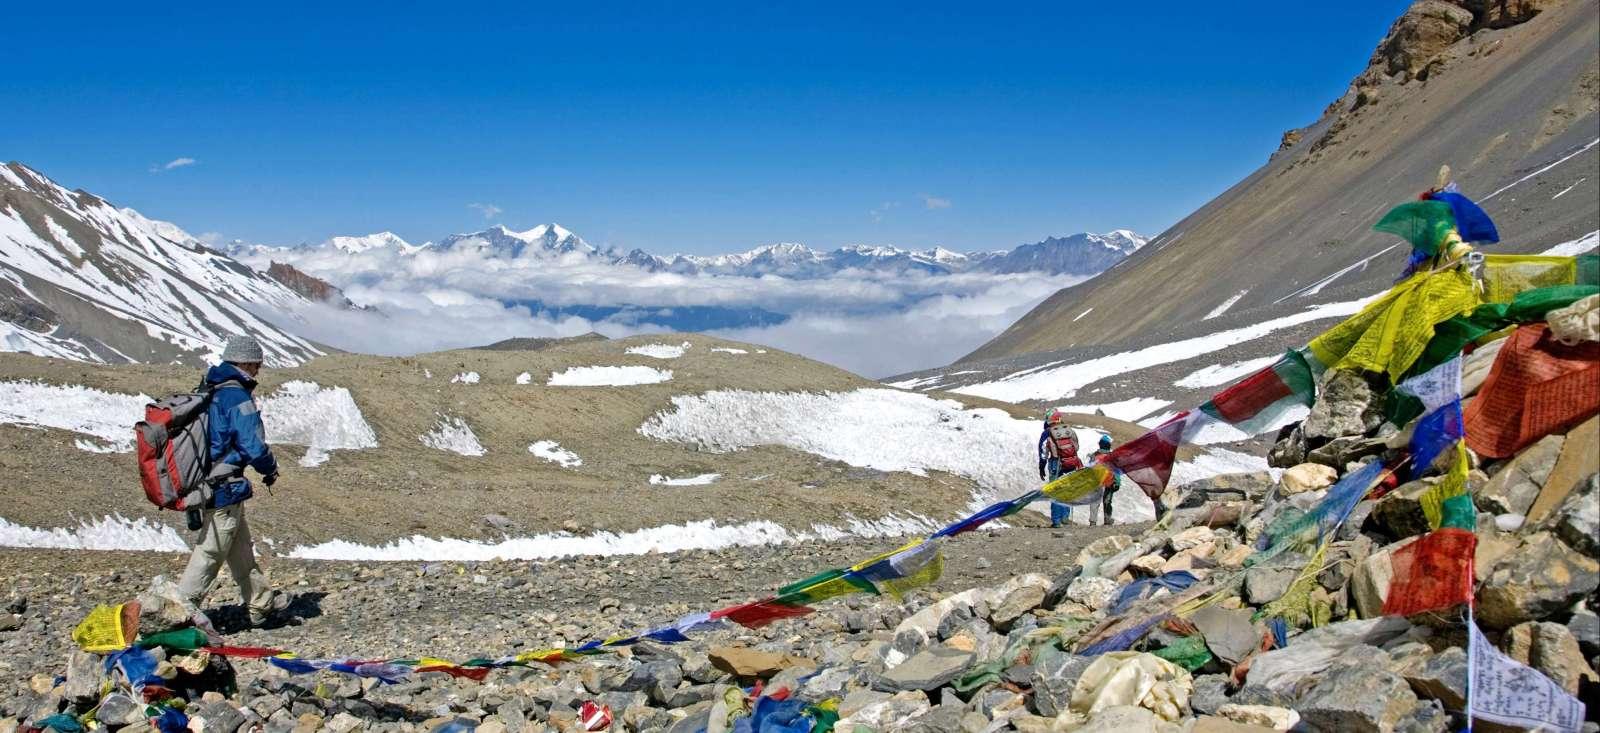 Voyage à pied Nepal : Grand tour des Annapurnas et du lac Tilicho